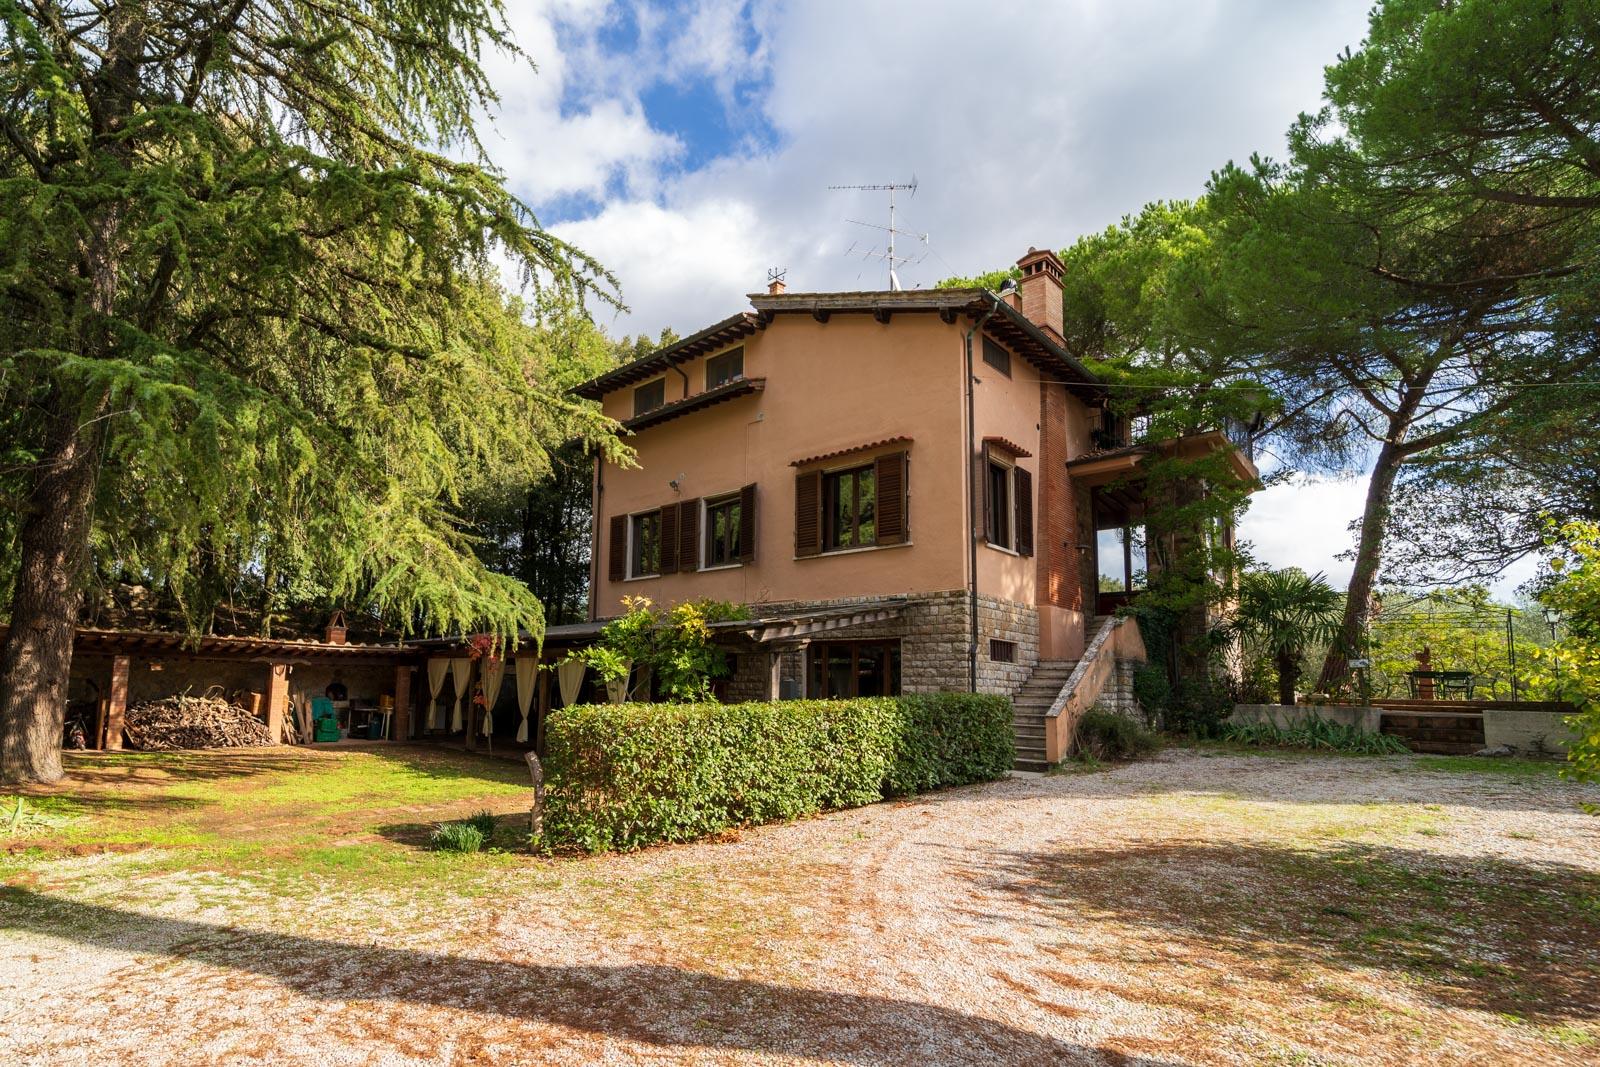 Agriturismo mit Weinbergen und 112 ha Land bei San Gimignano zu verkaufen